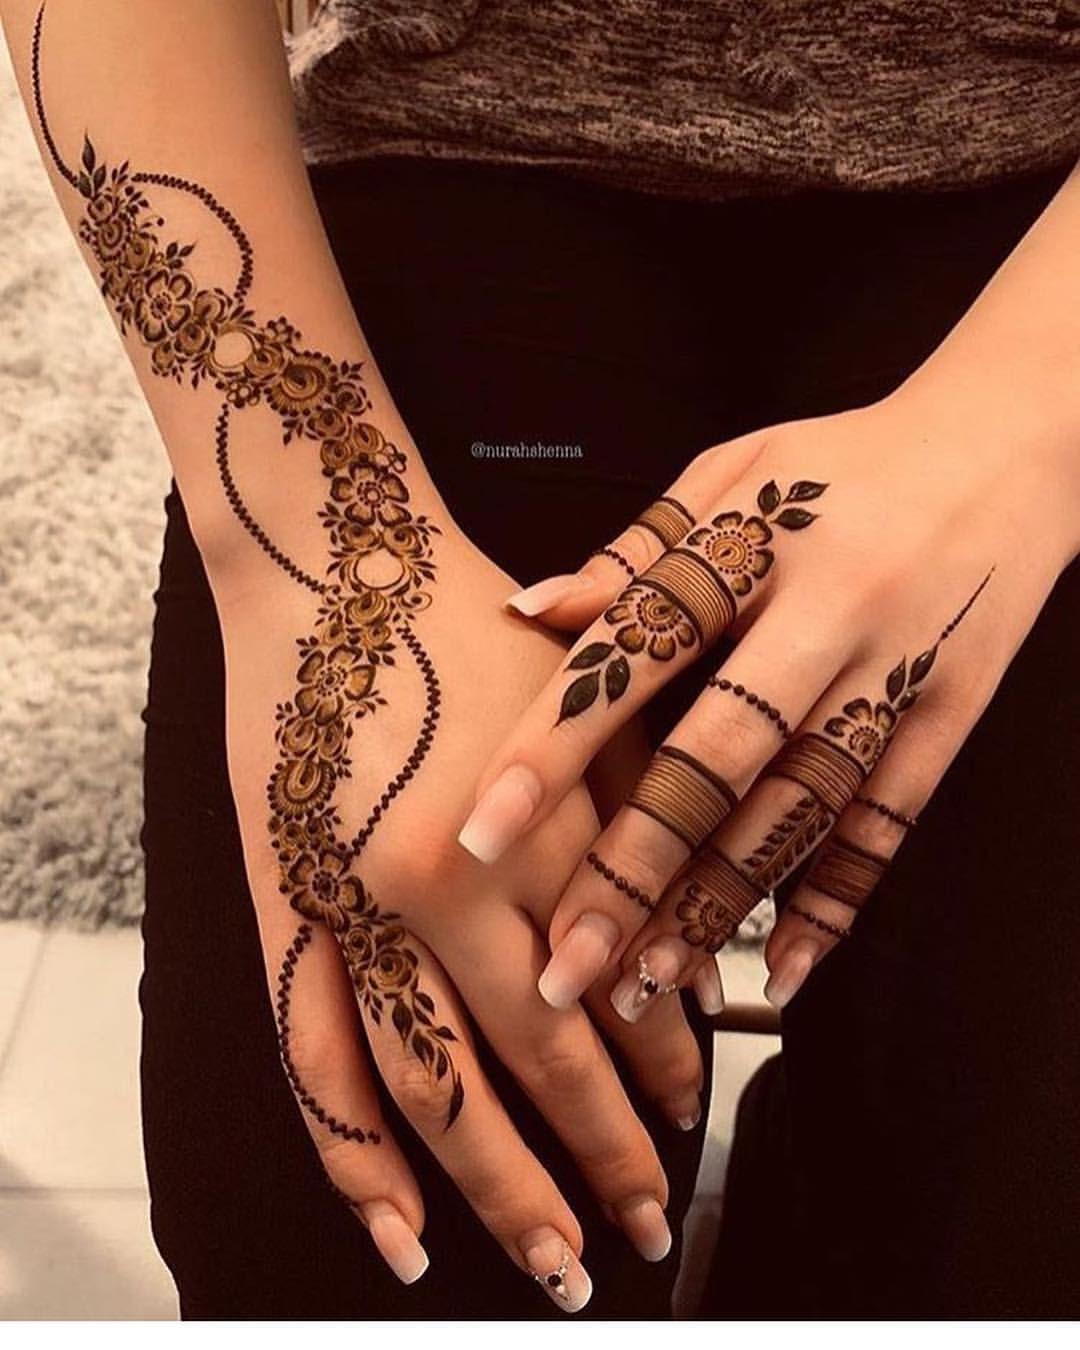 طلبتو مني صورة كامله للدريس دا طبعا تقدرو تشتروه من هنا Ezabella Fashion هتكلملكو عنه بما انه عجبك Henna Tattoo Vorlagen Henna Tattoo Ideen Henna Hande